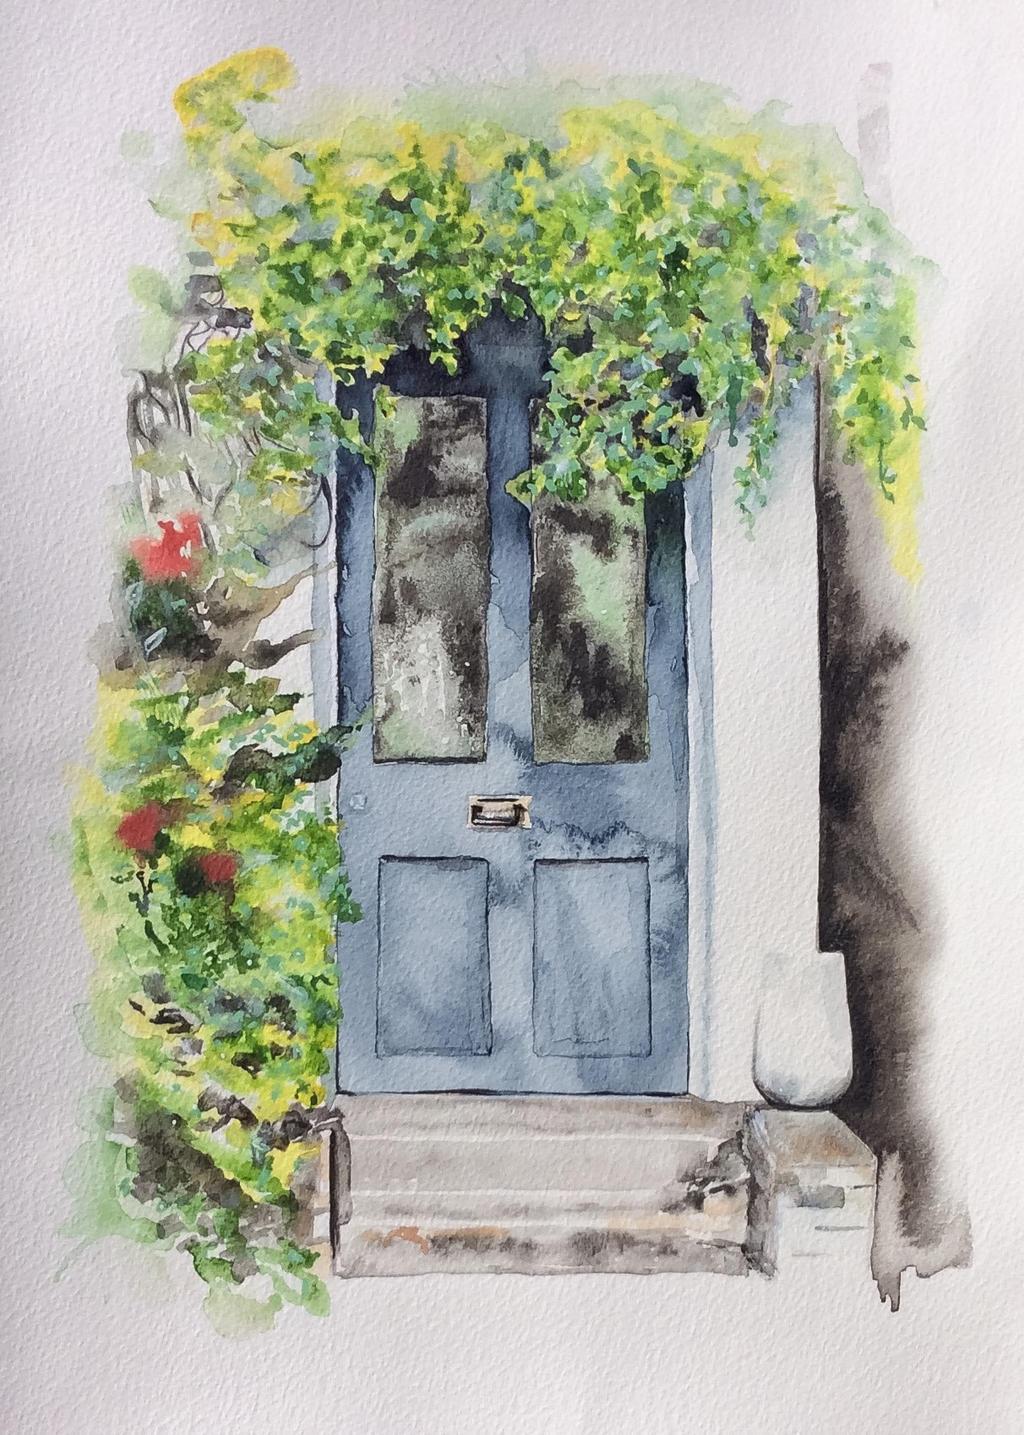 Doorway in London